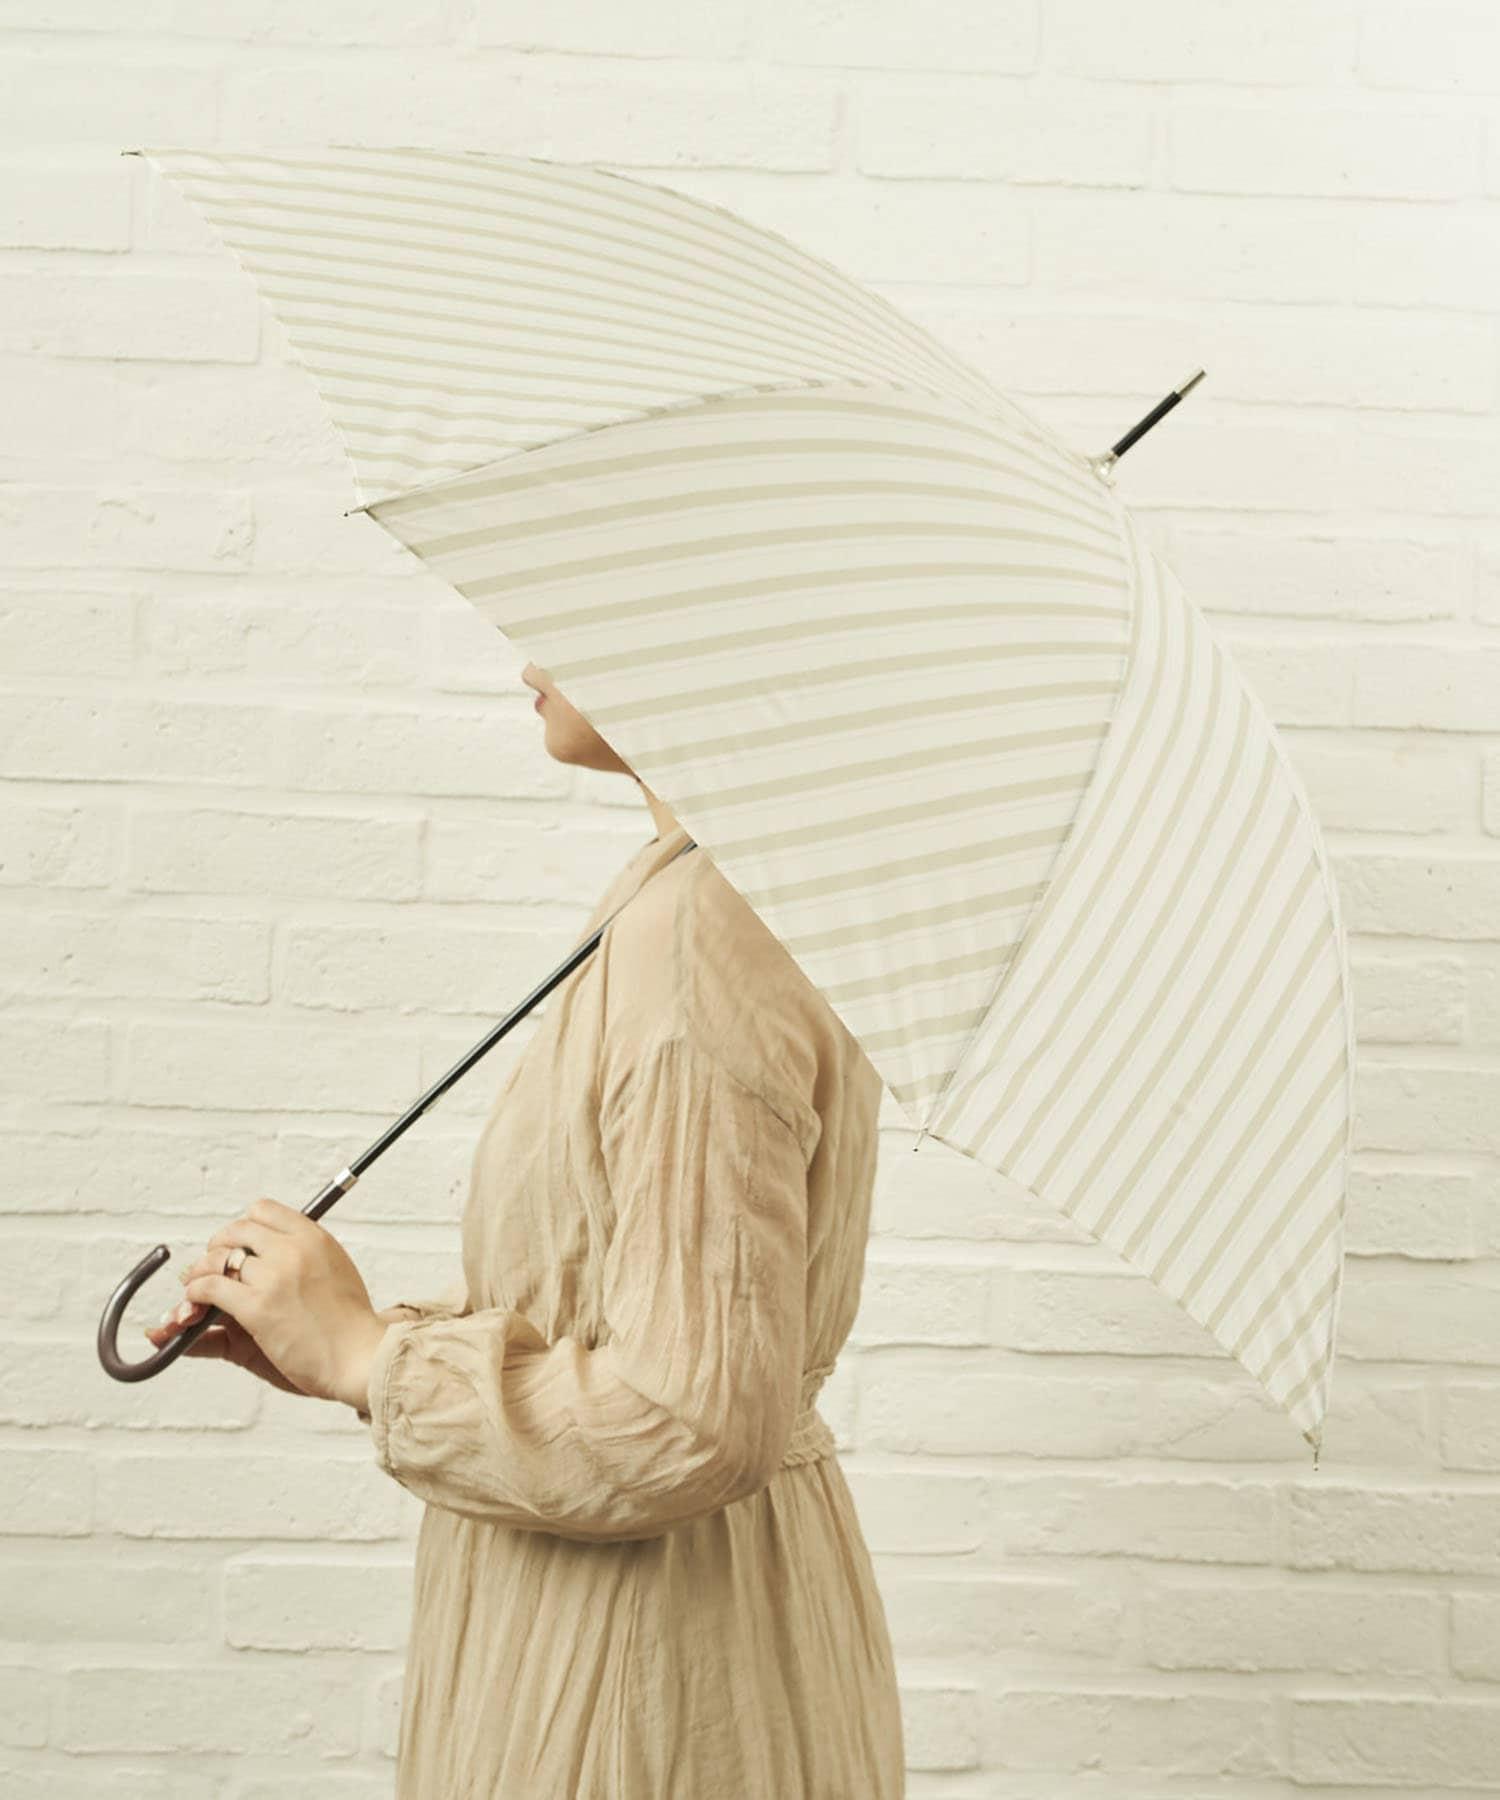 salut!(サリュ) ライフスタイル 雨傘長バイアス(ベージュ) その他